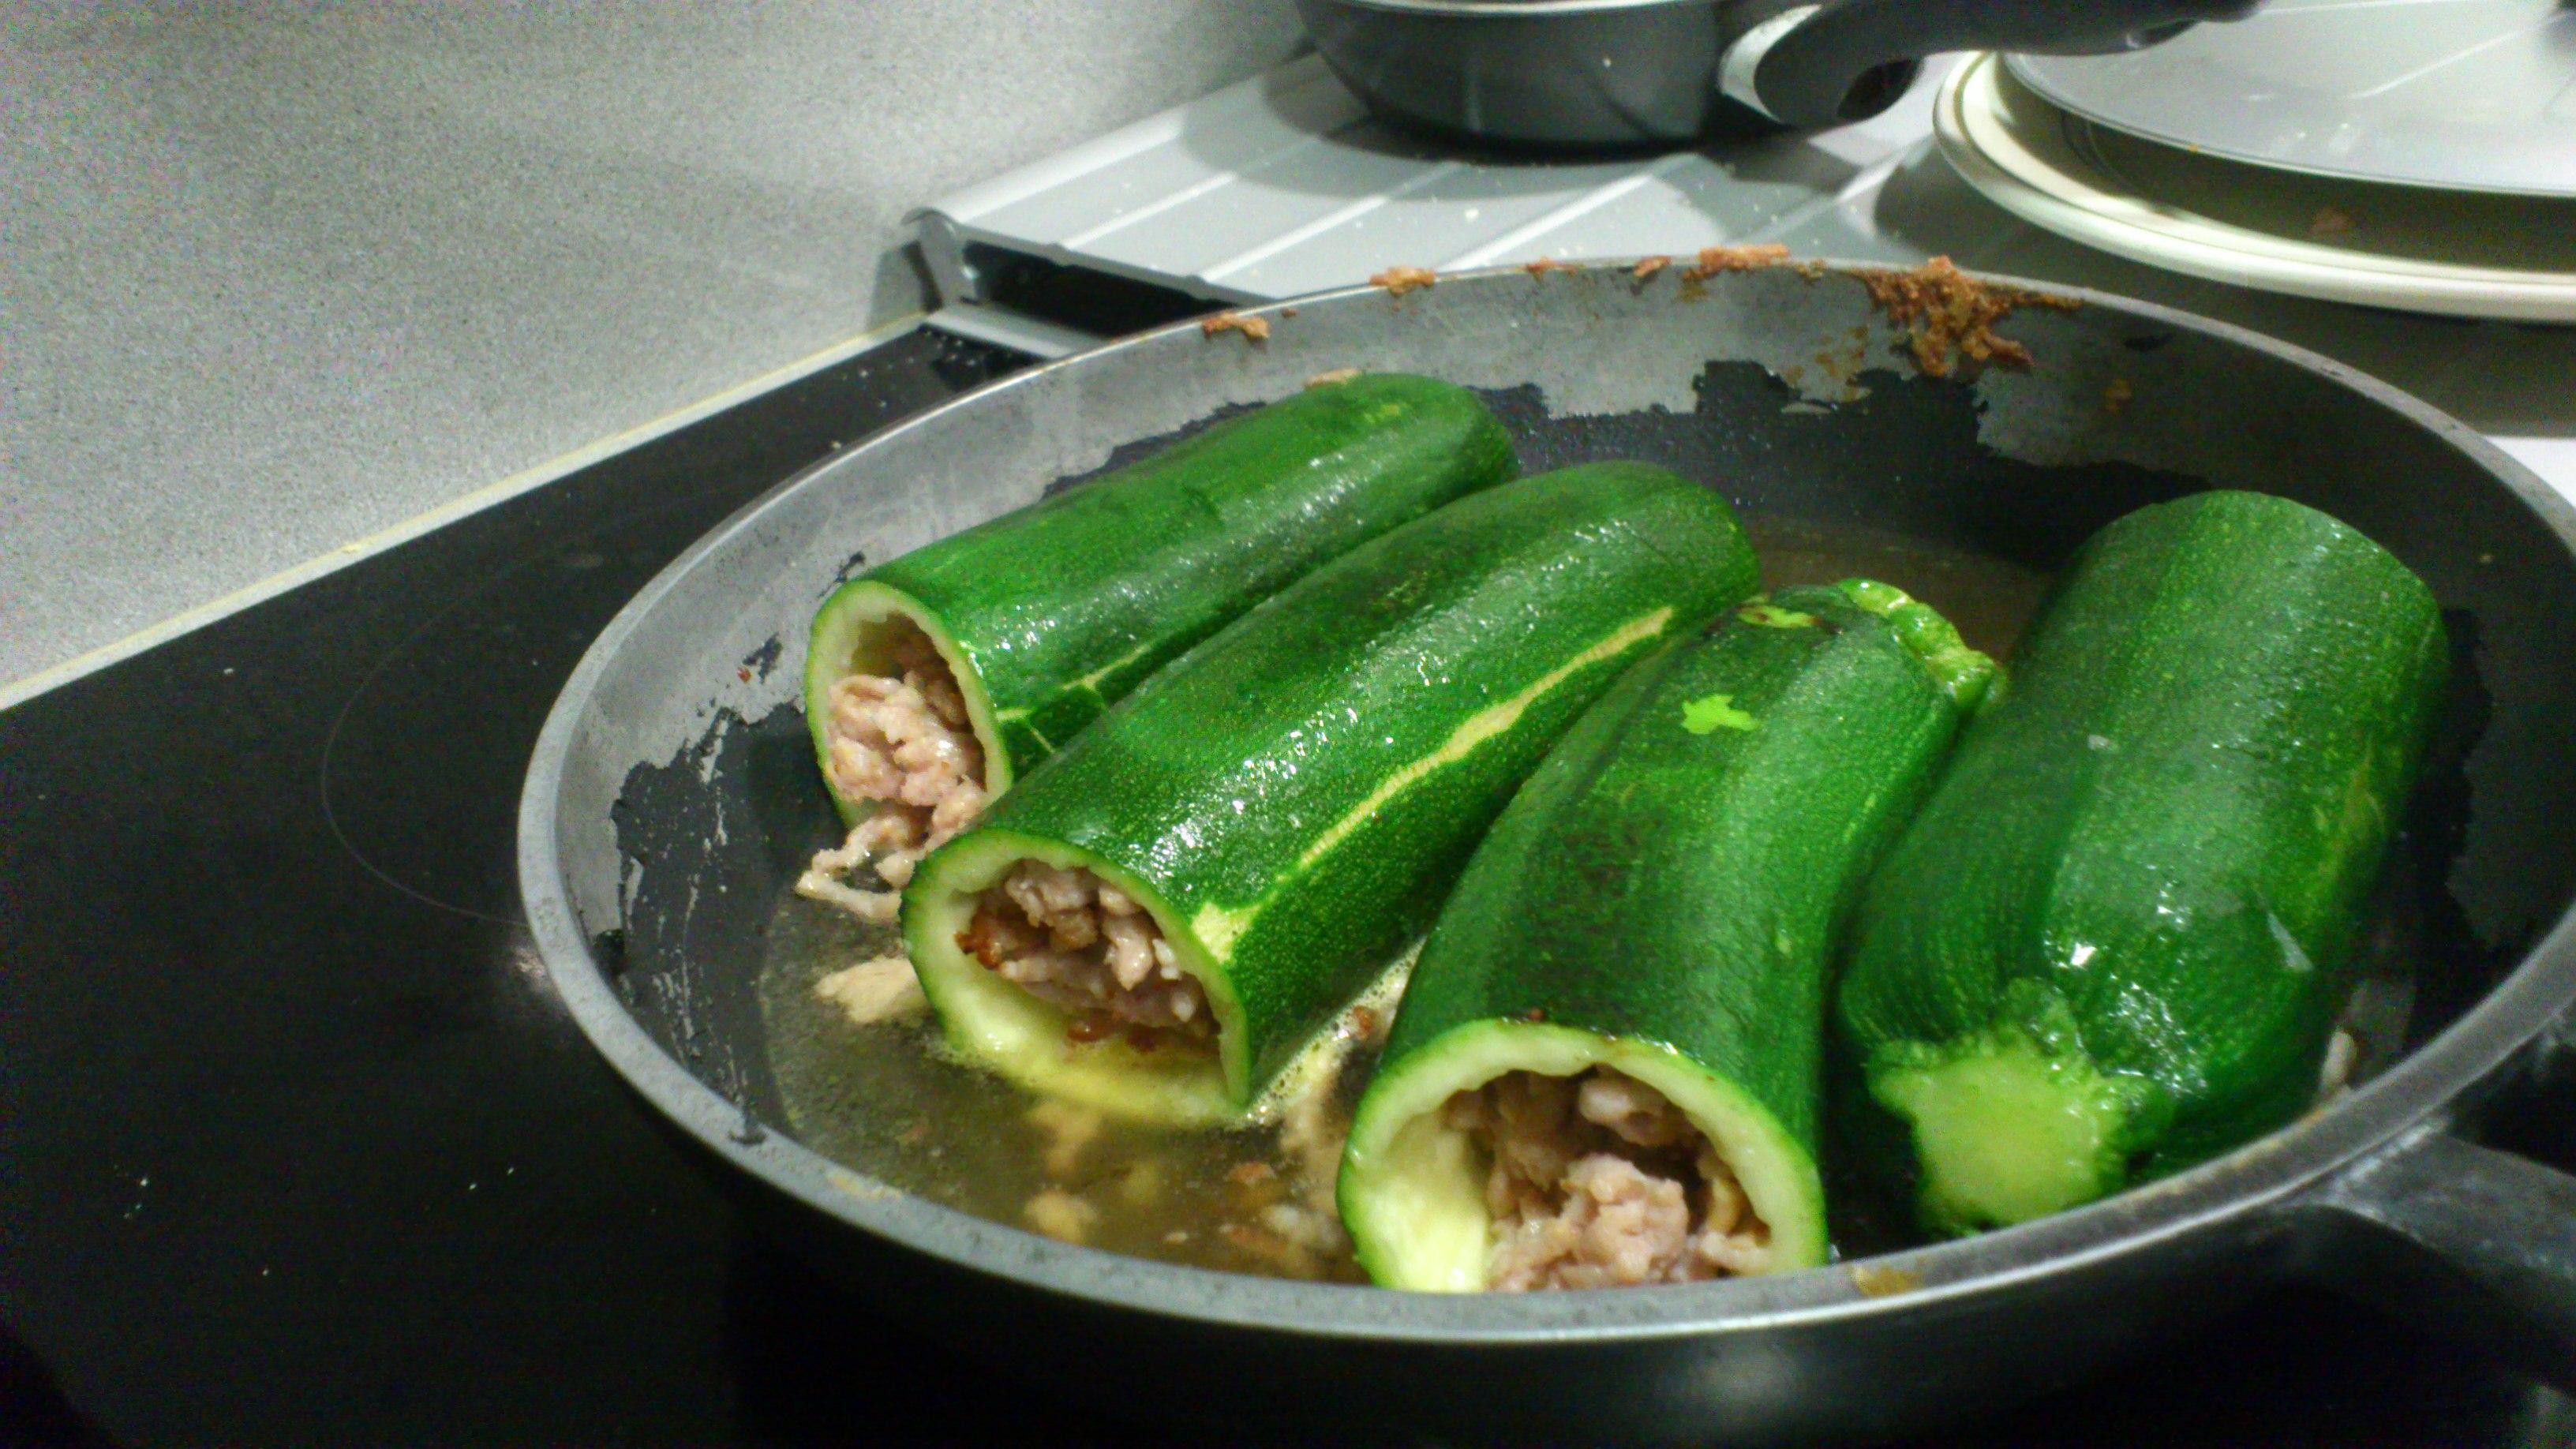 Receta siria calabacines rellenos de carne con salsa de yogur y almendras las recetas de merxi - Salsa para relleno de carne ...